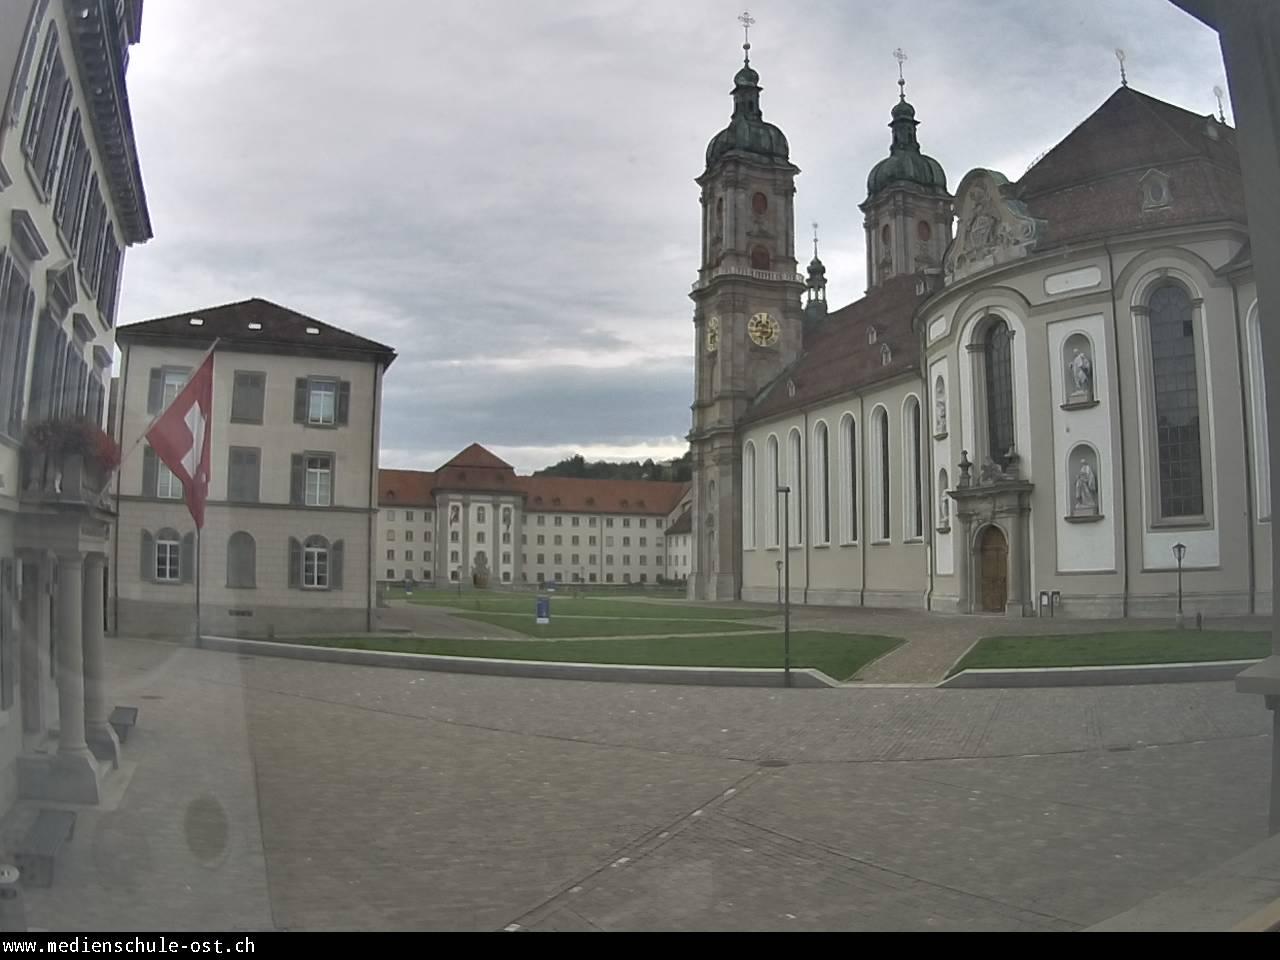 St. Gallen Do. 07:46